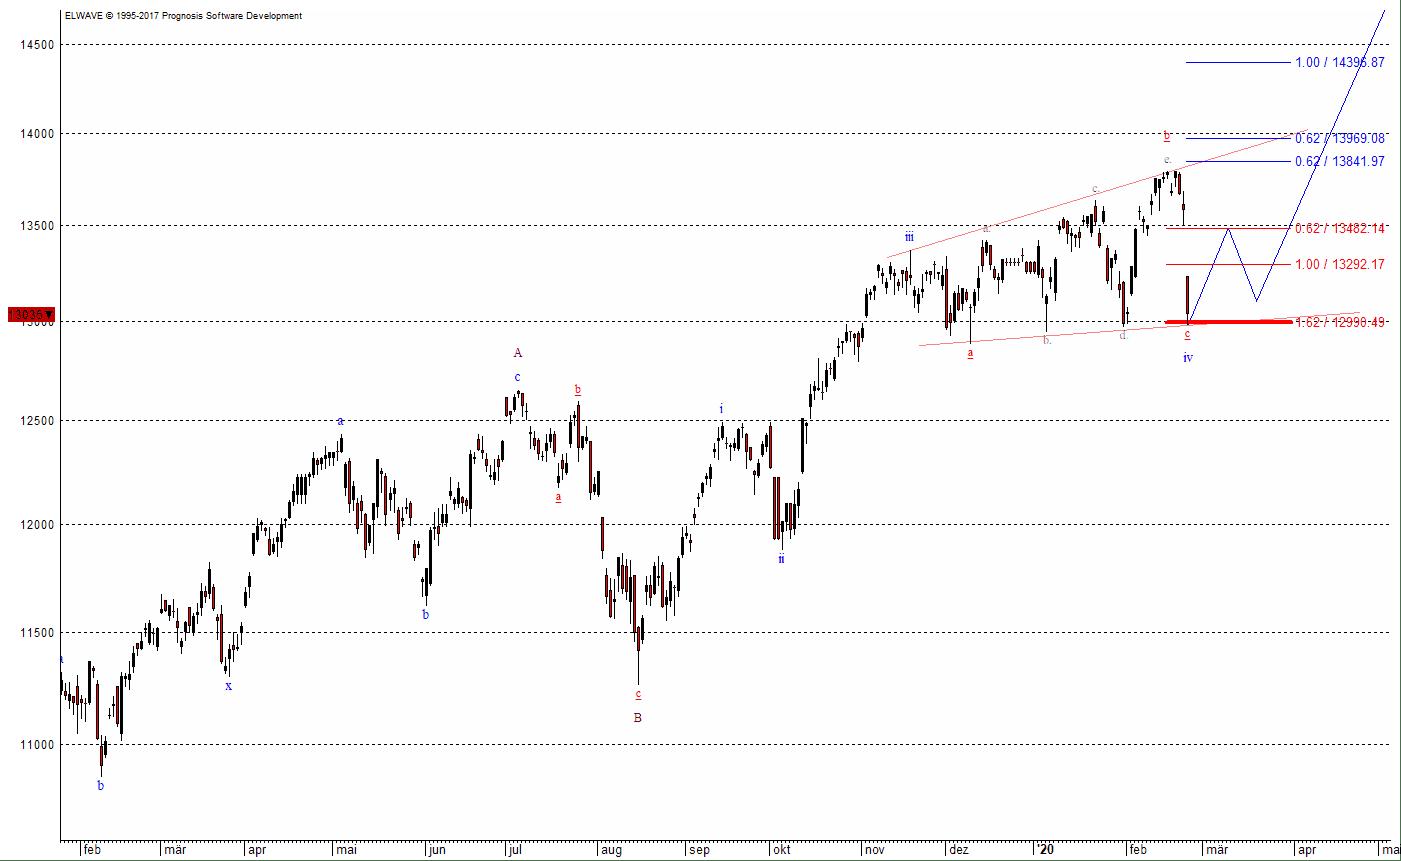 Der Verlauf der Aktienmärkte ähnelt sich derzeit - hier der Dax